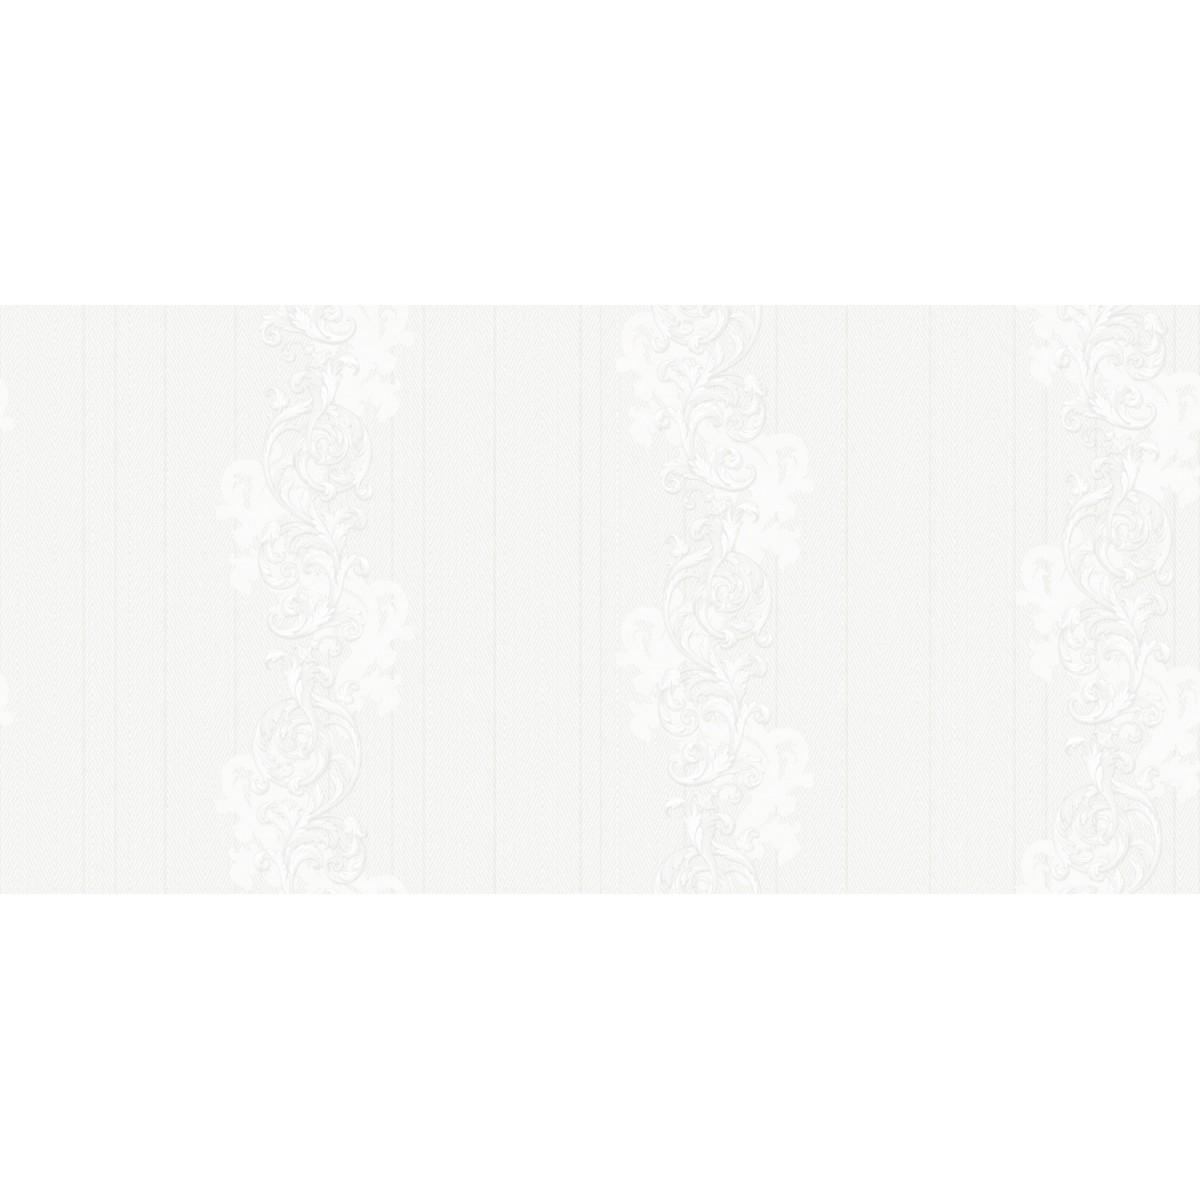 Обои виниловые Shinhan Wallcoverings серые 1.06 м 88335-2